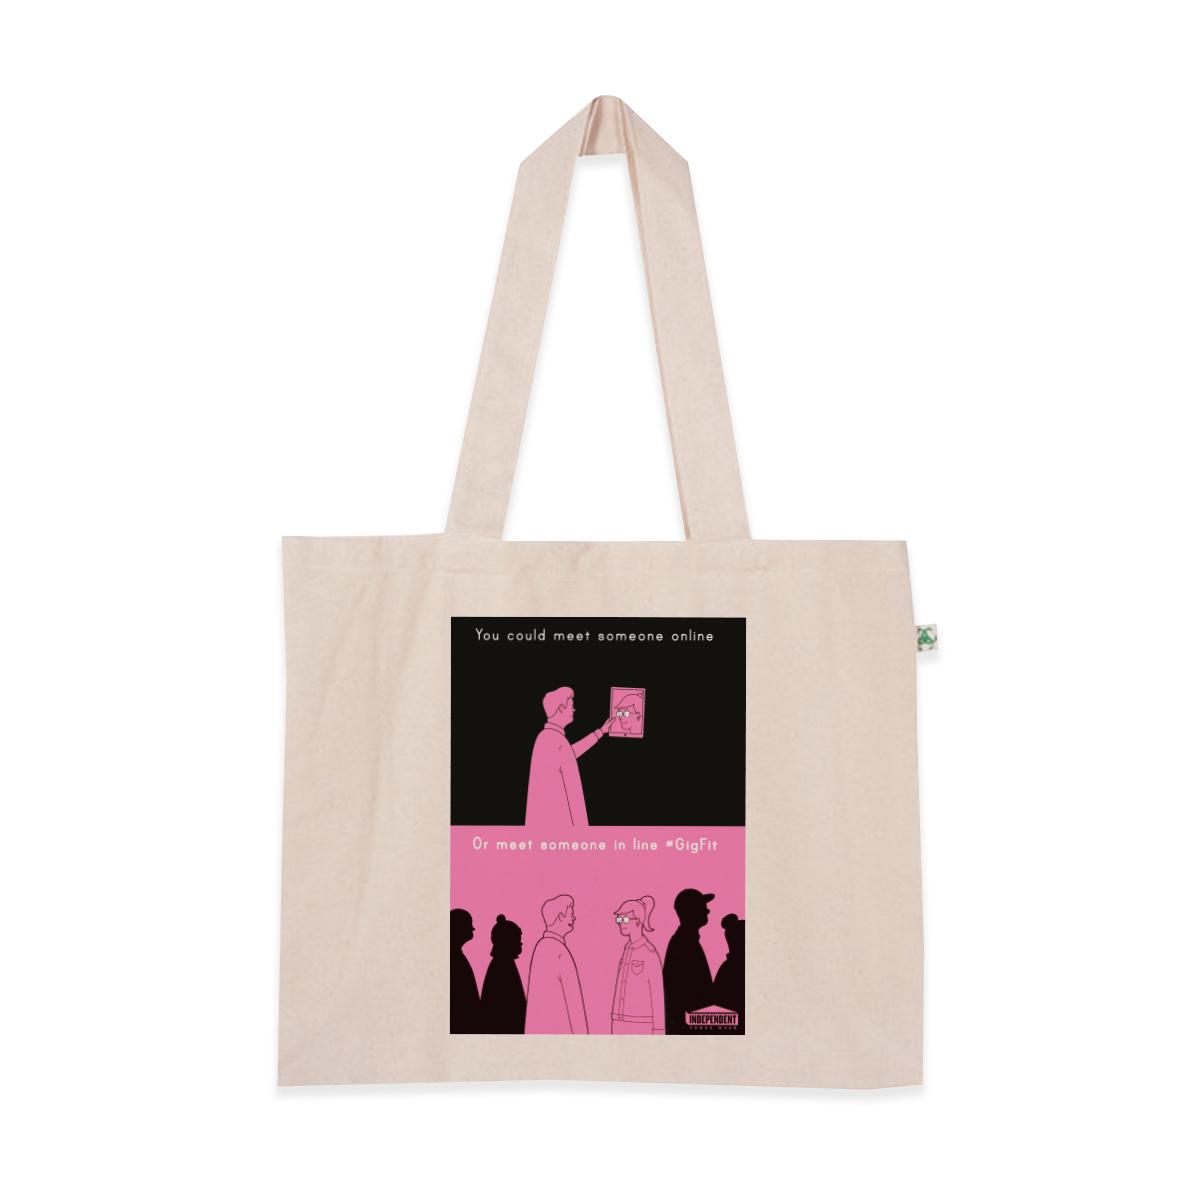 'Gig Fit' Shopper Bag (Natural)